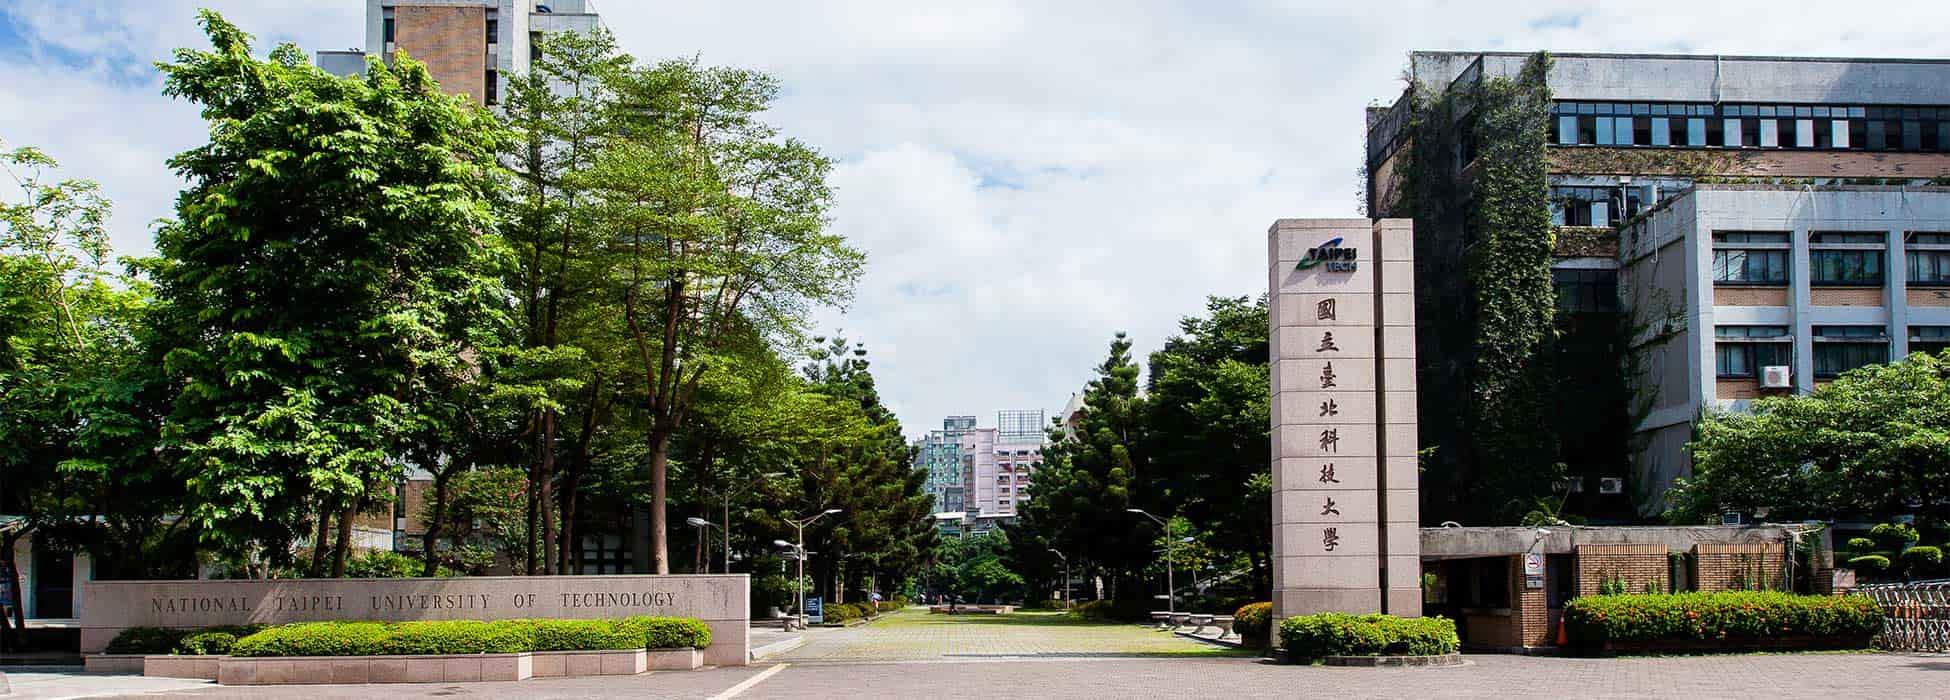 منحة جامعةتايبيه الوطنية للتكنولوجيا لدراسة الماجستير والدكتوراه في تايوان 2021 (ممولة)